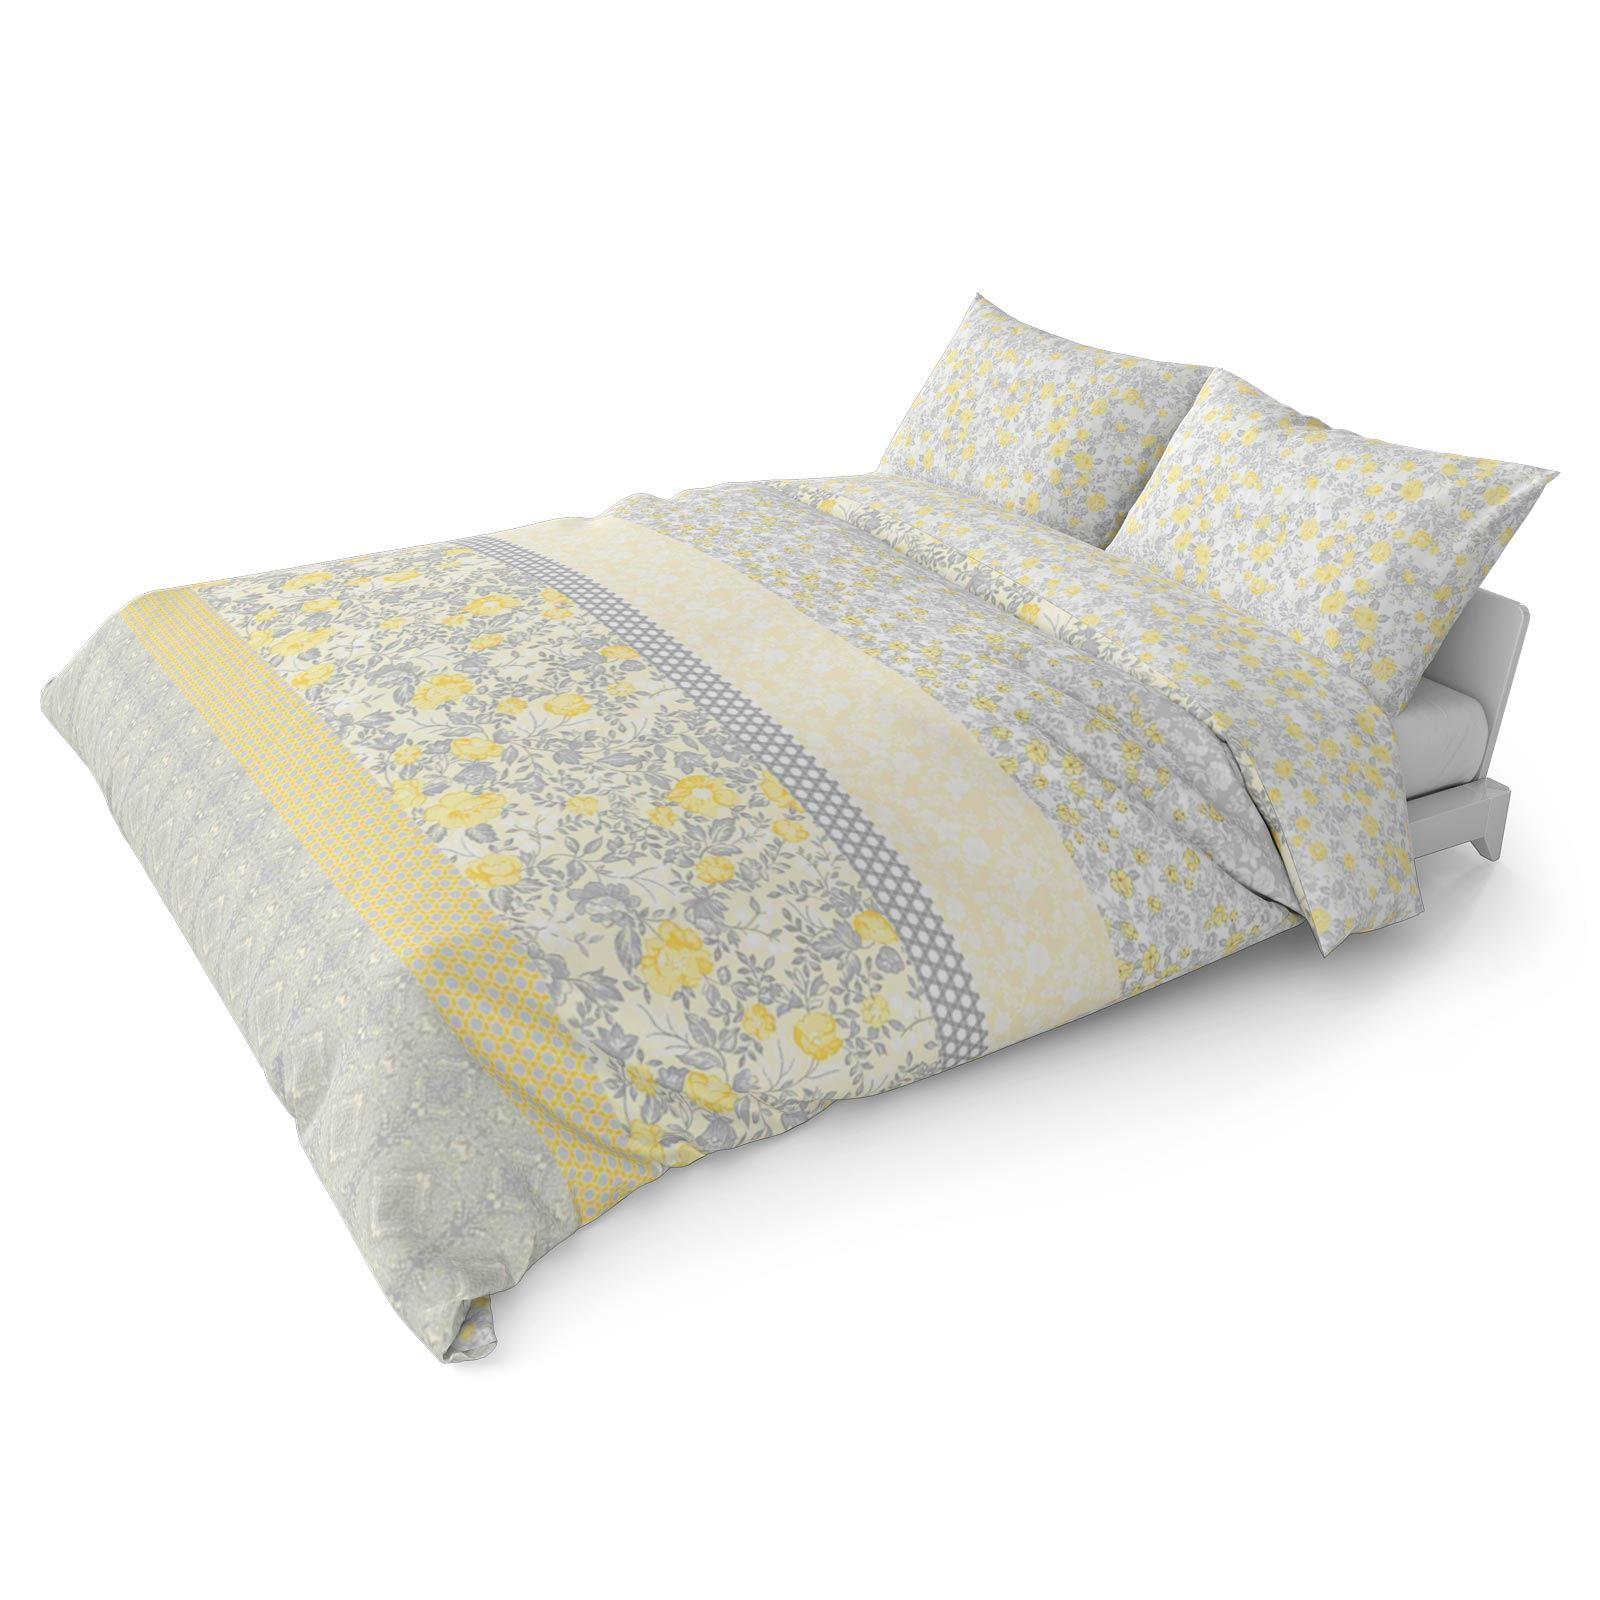 Mostaza-amarillo-ocre-Funda-de-edredon-impreso-Edredon-juego-ropa-de-cama-cubre-conjuntos miniatura 23